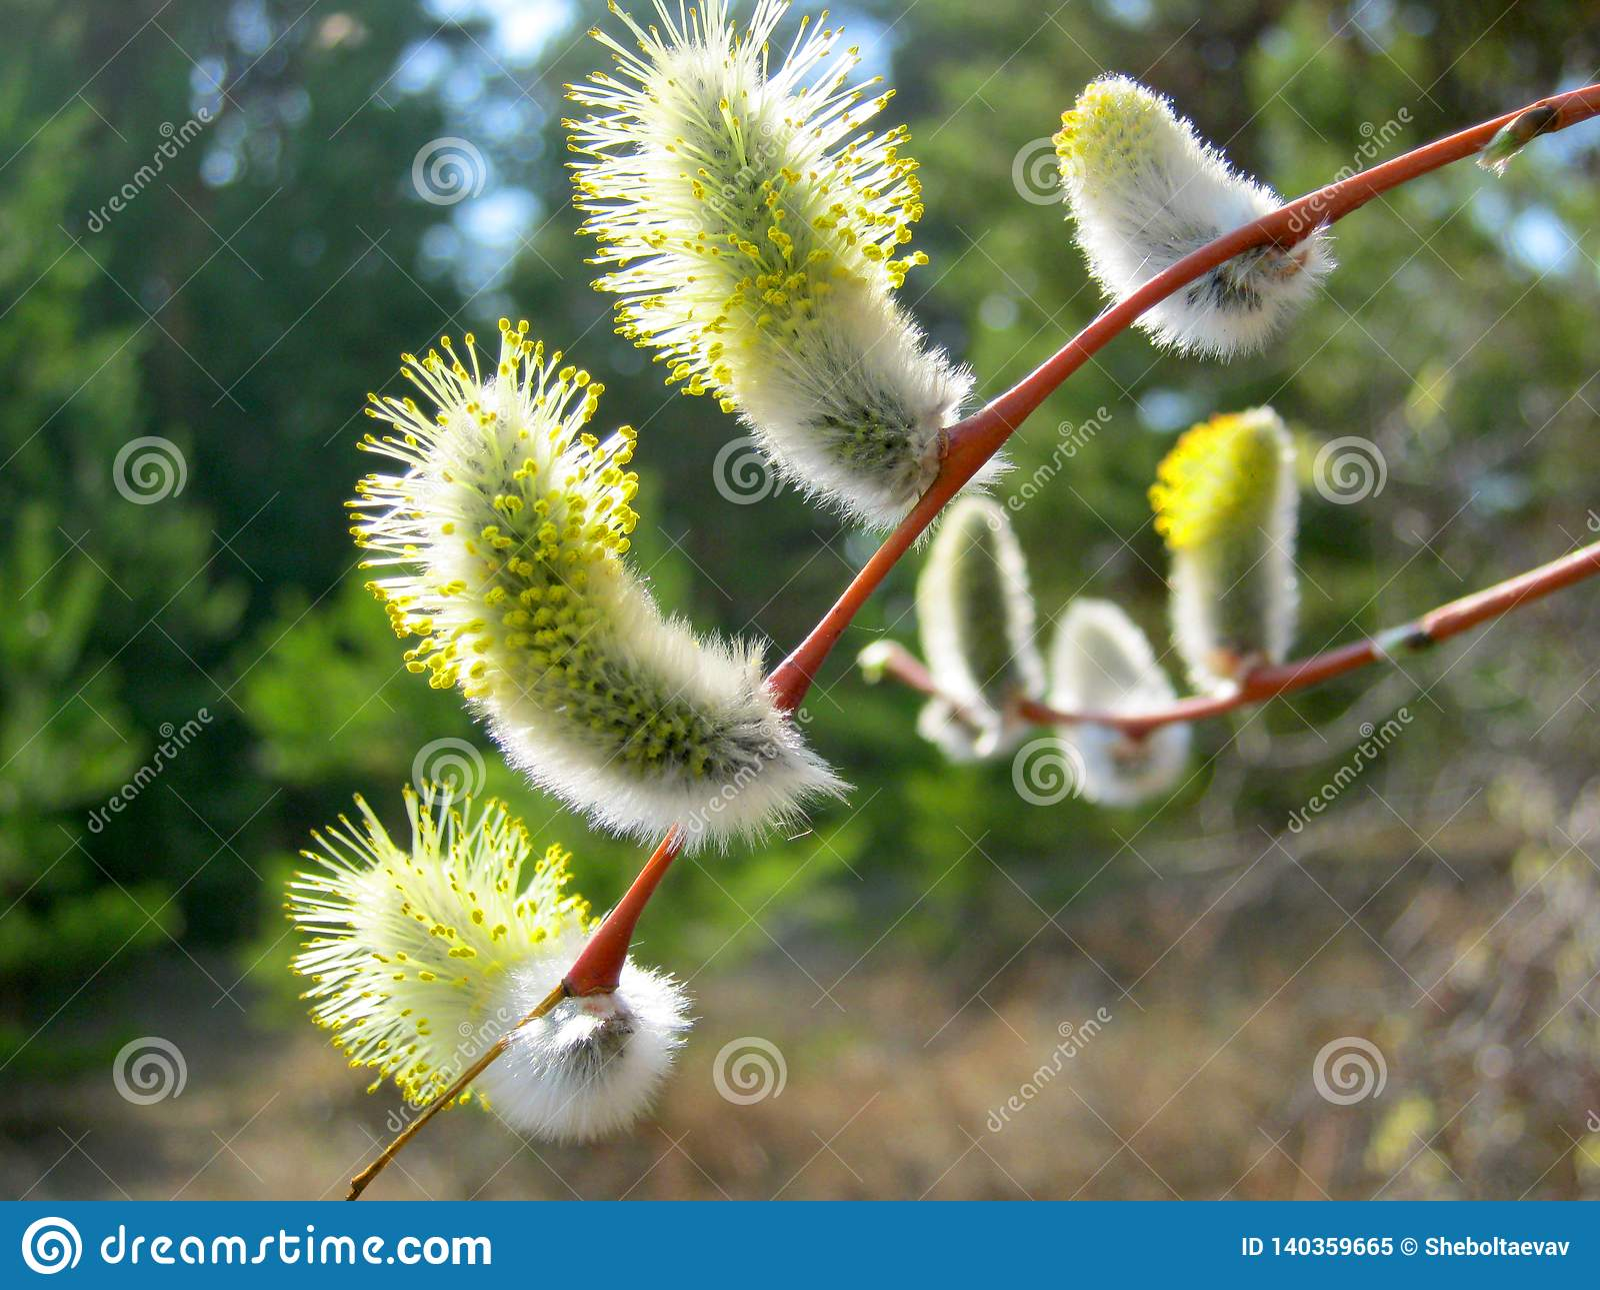 Palmowa Niedziela Kwiatonośna wierzba w naturalnych warunkach Biali pączki wierzba w pollen w górę